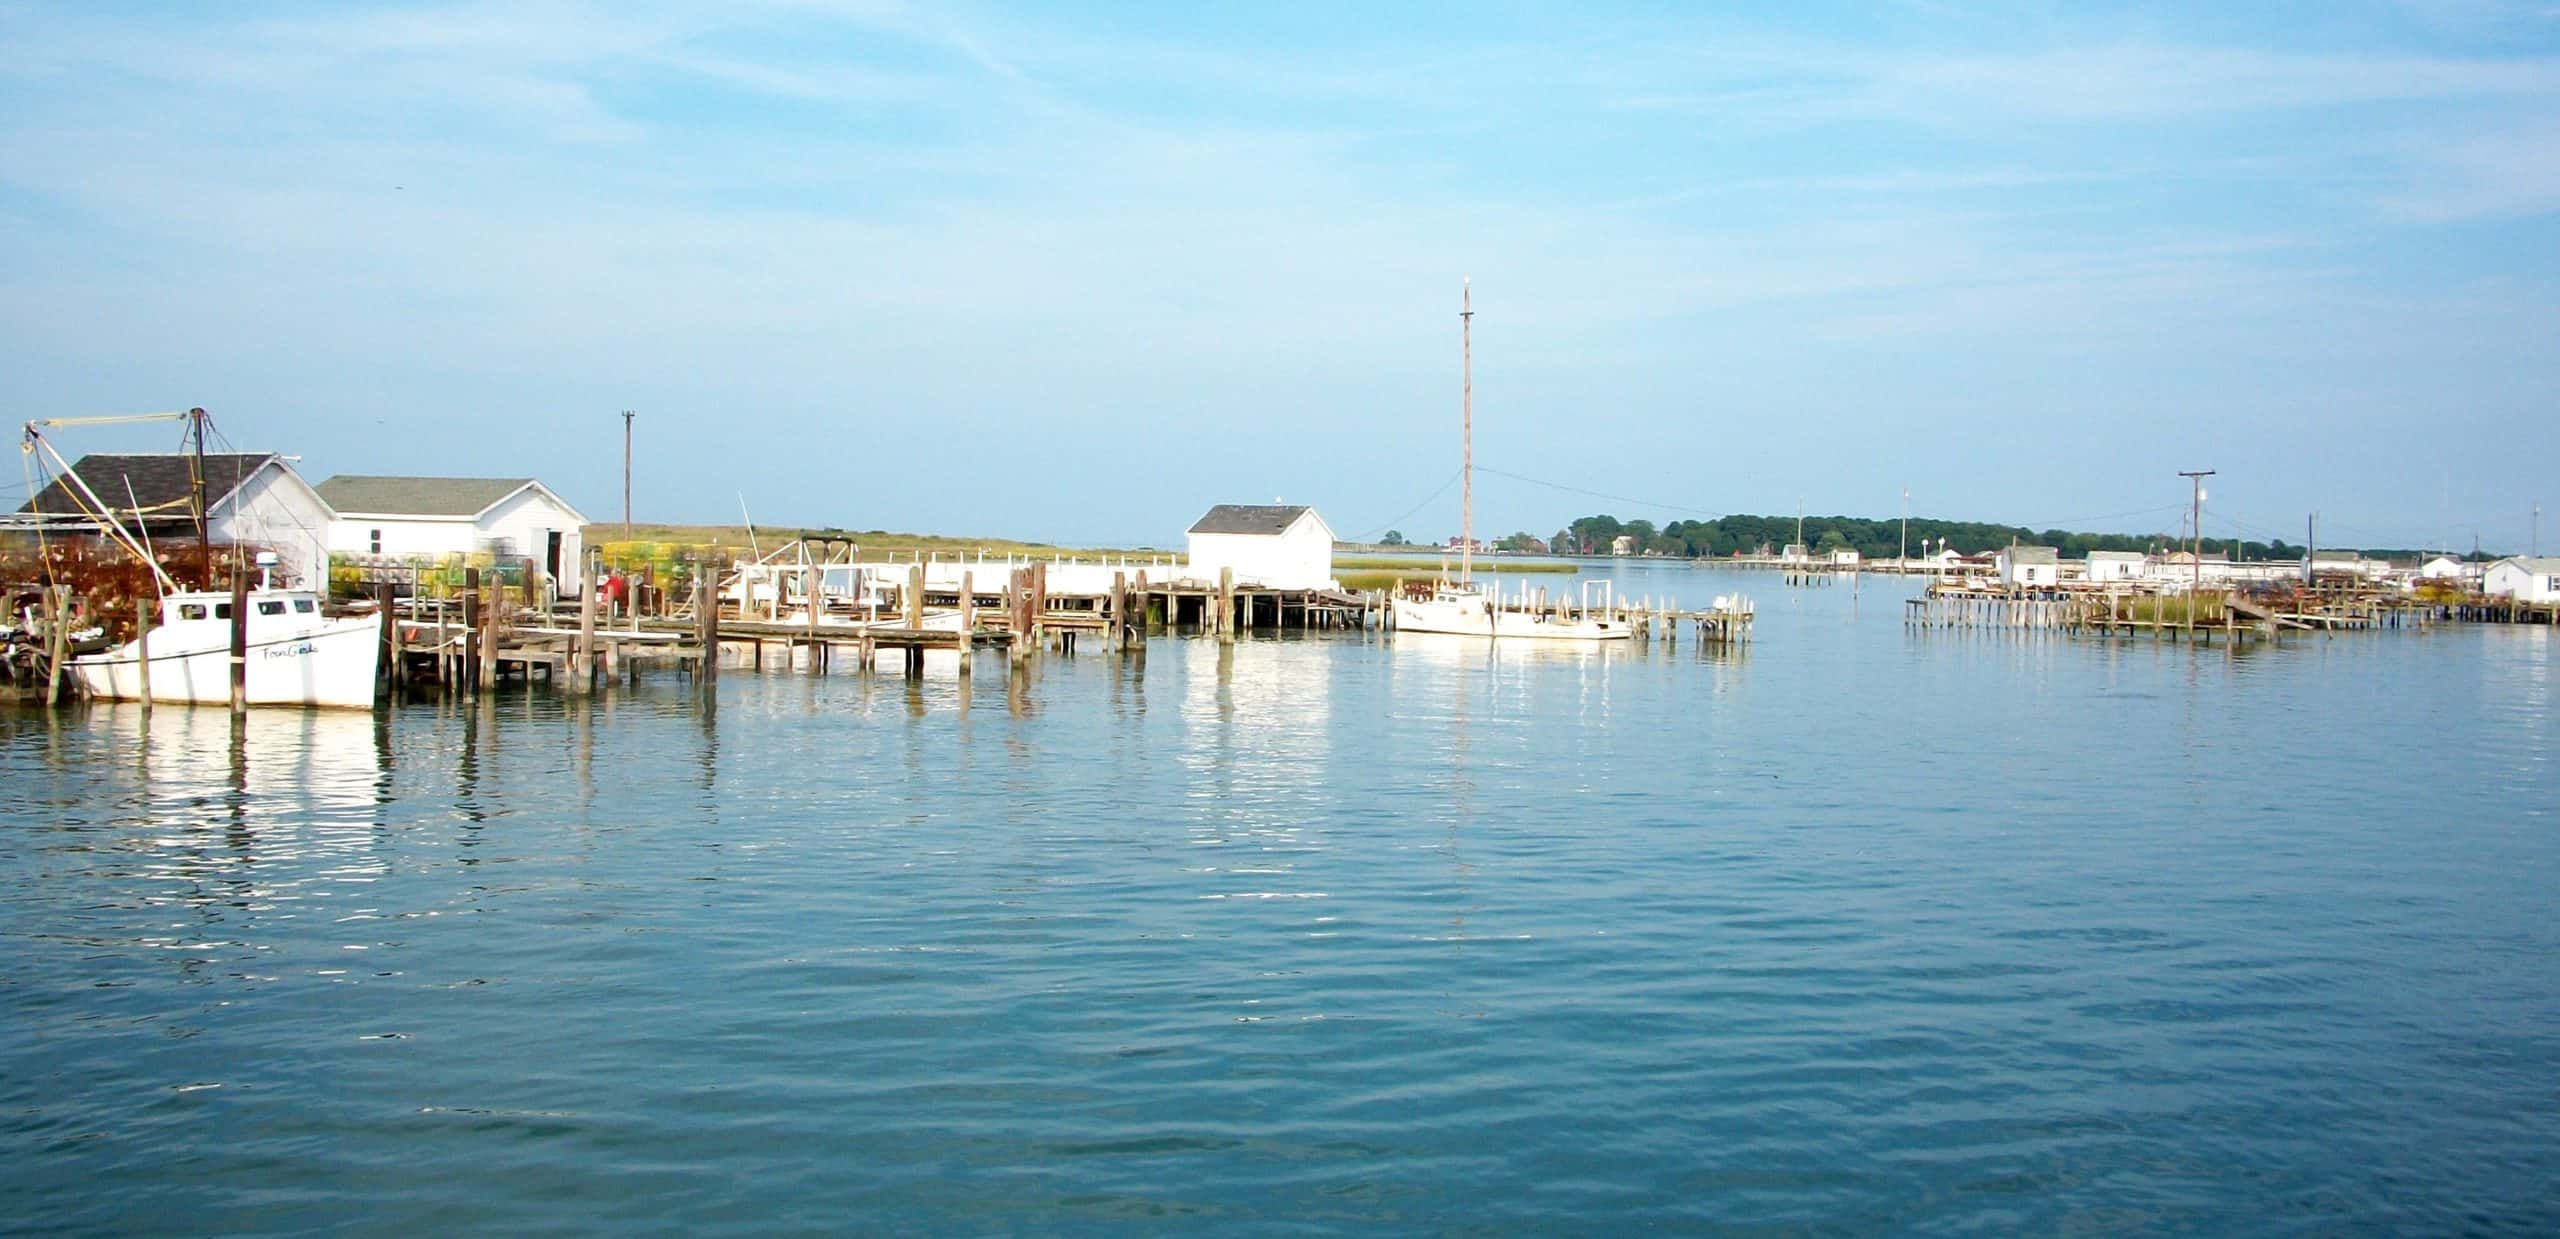 Chesapeake fishing